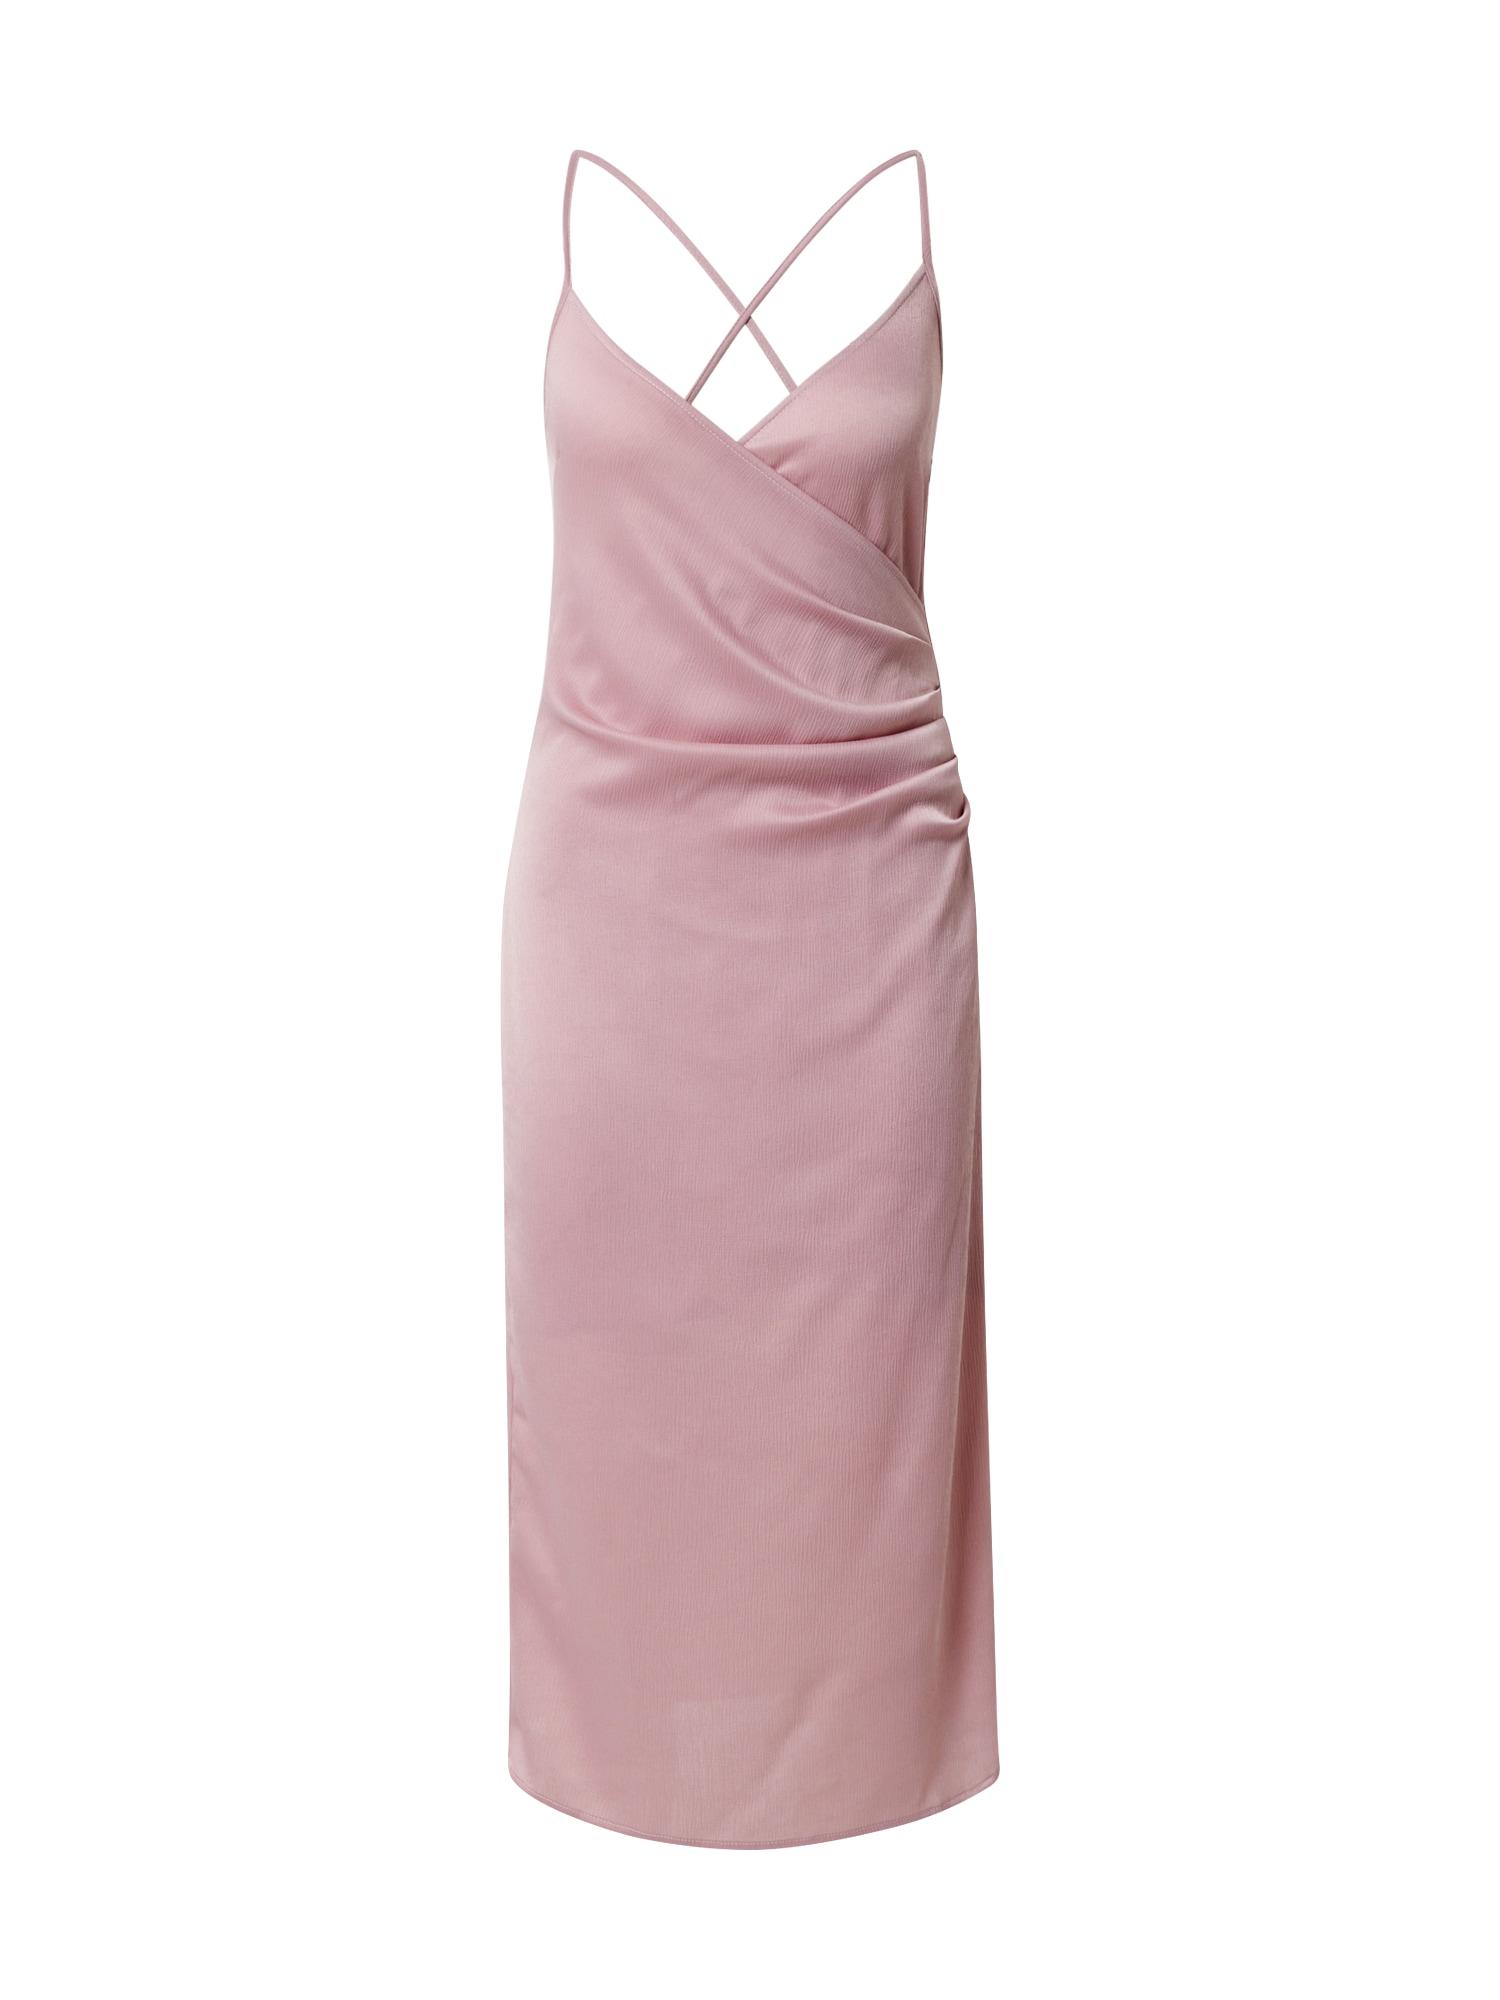 Unique21 Suknelė ryškiai rožinė spalva